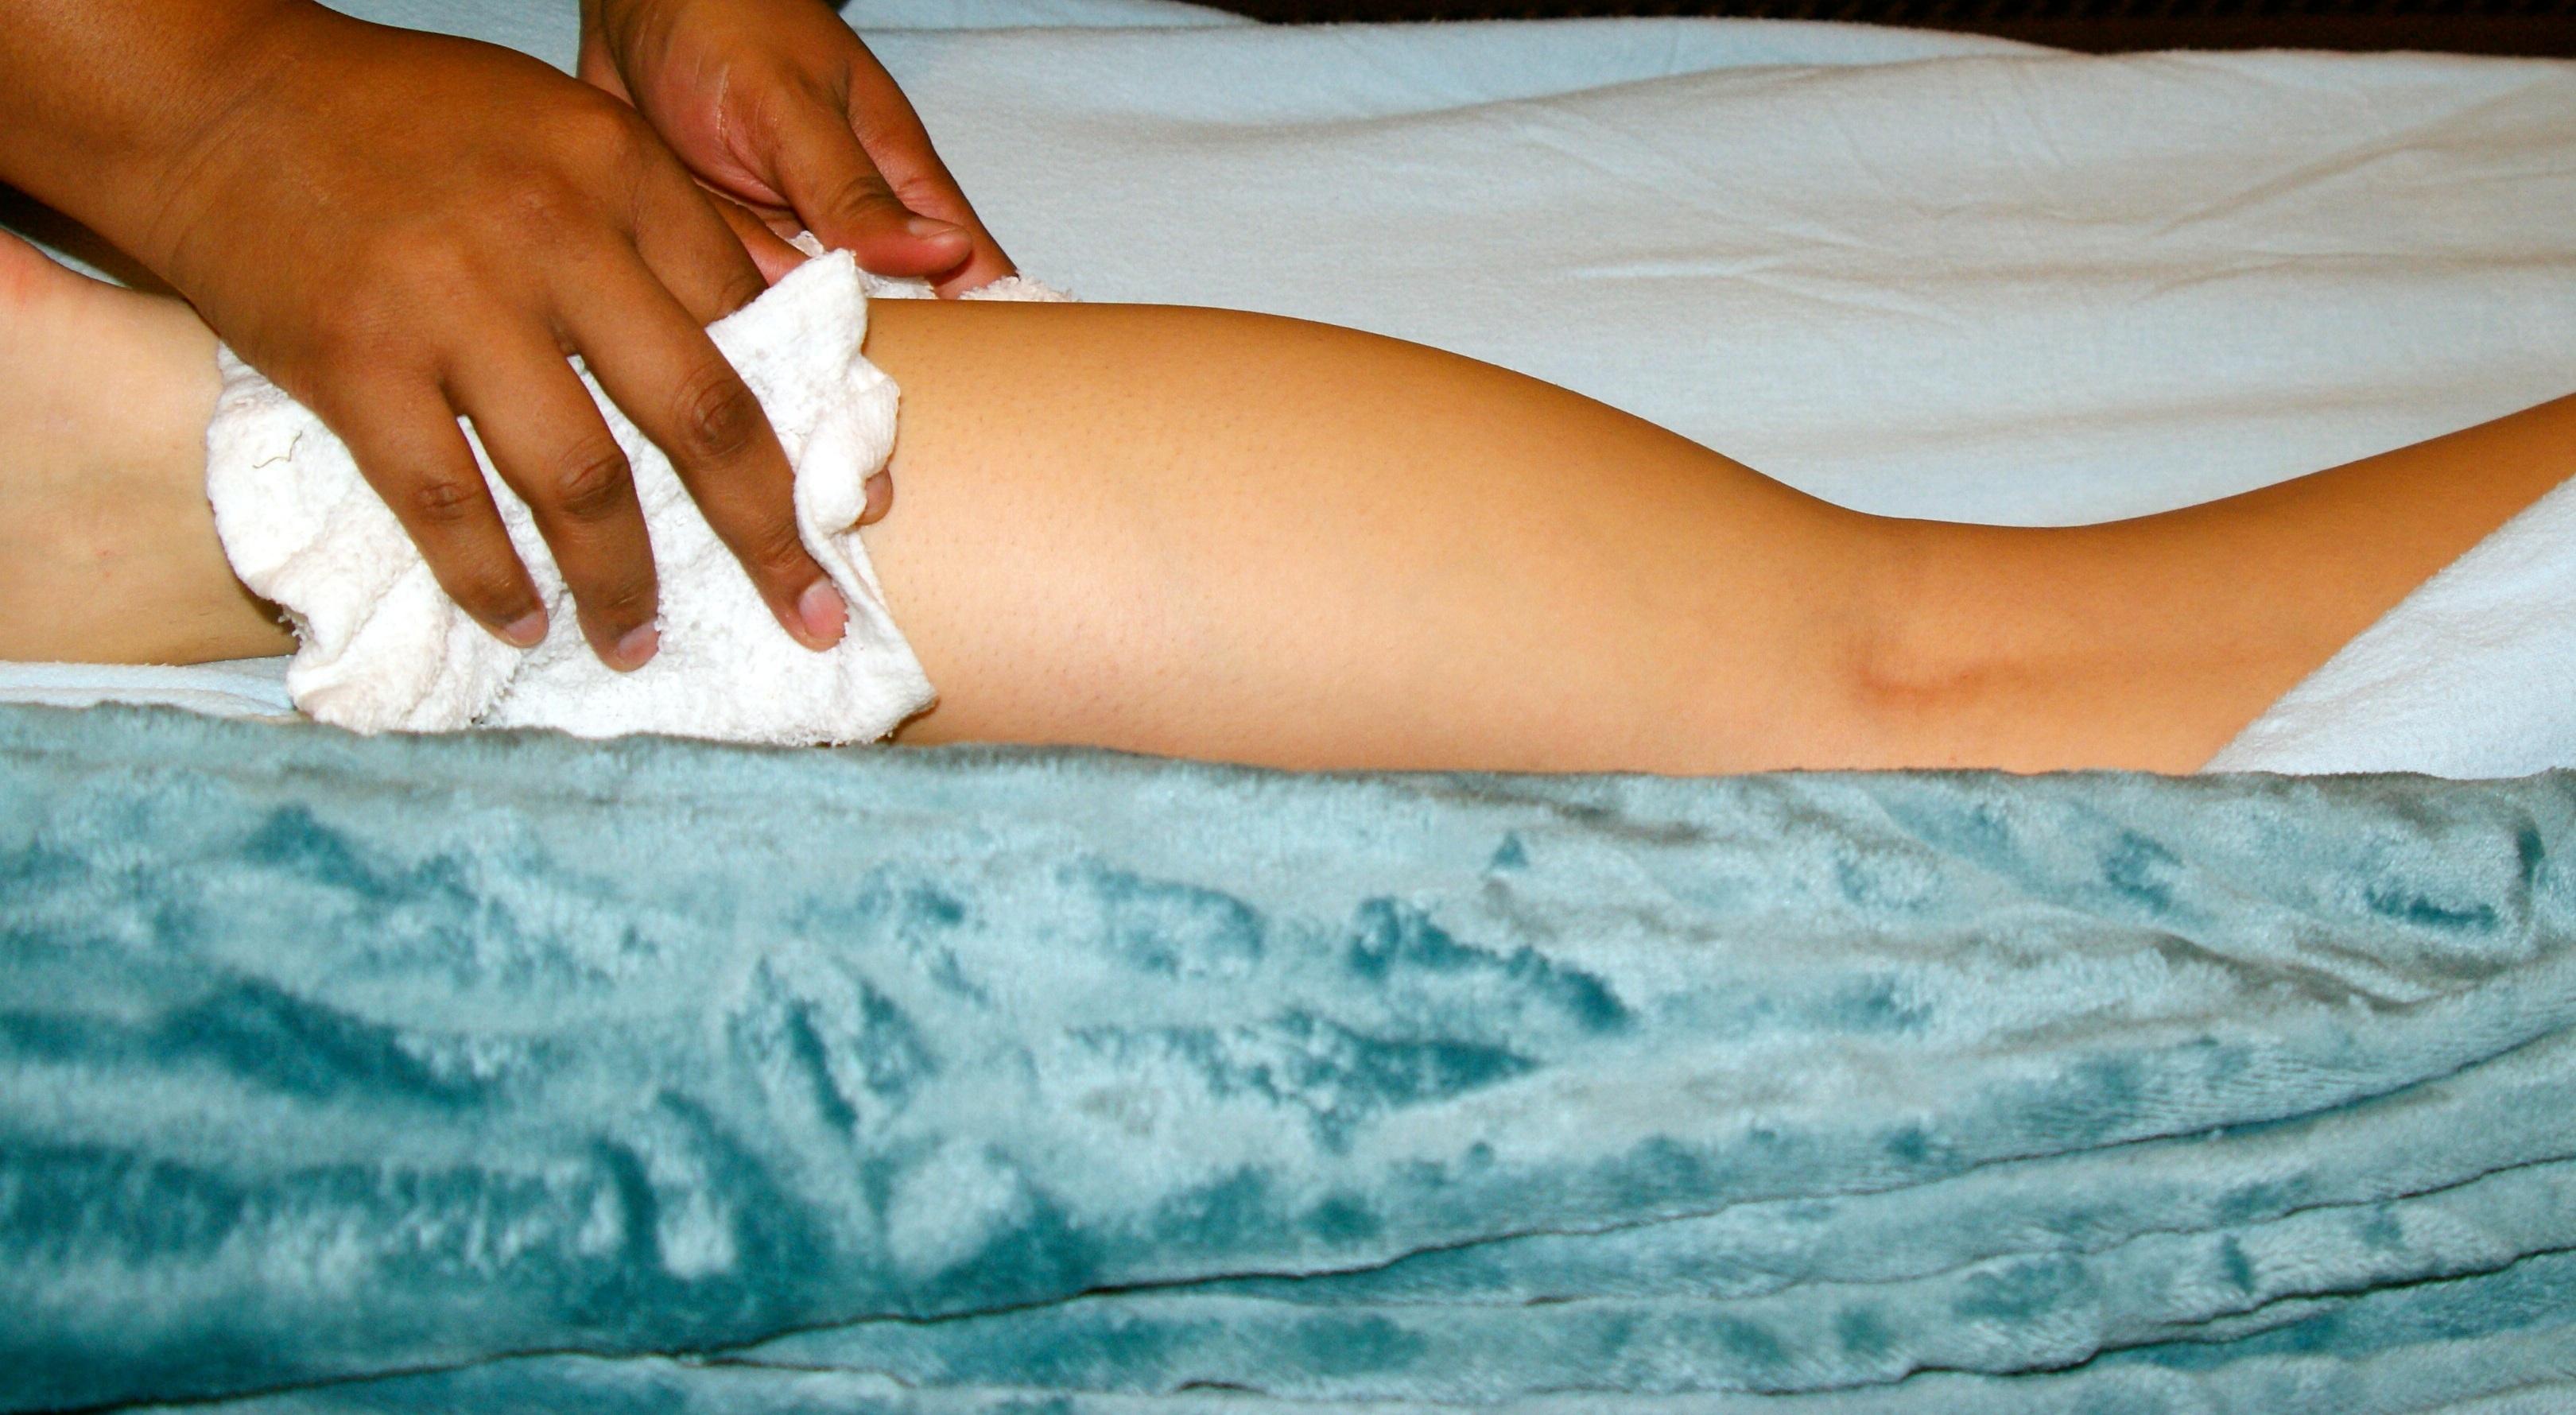 Fotos gratis : mano, pierna, brazo, músculo, pecho, cuerpo humano ...